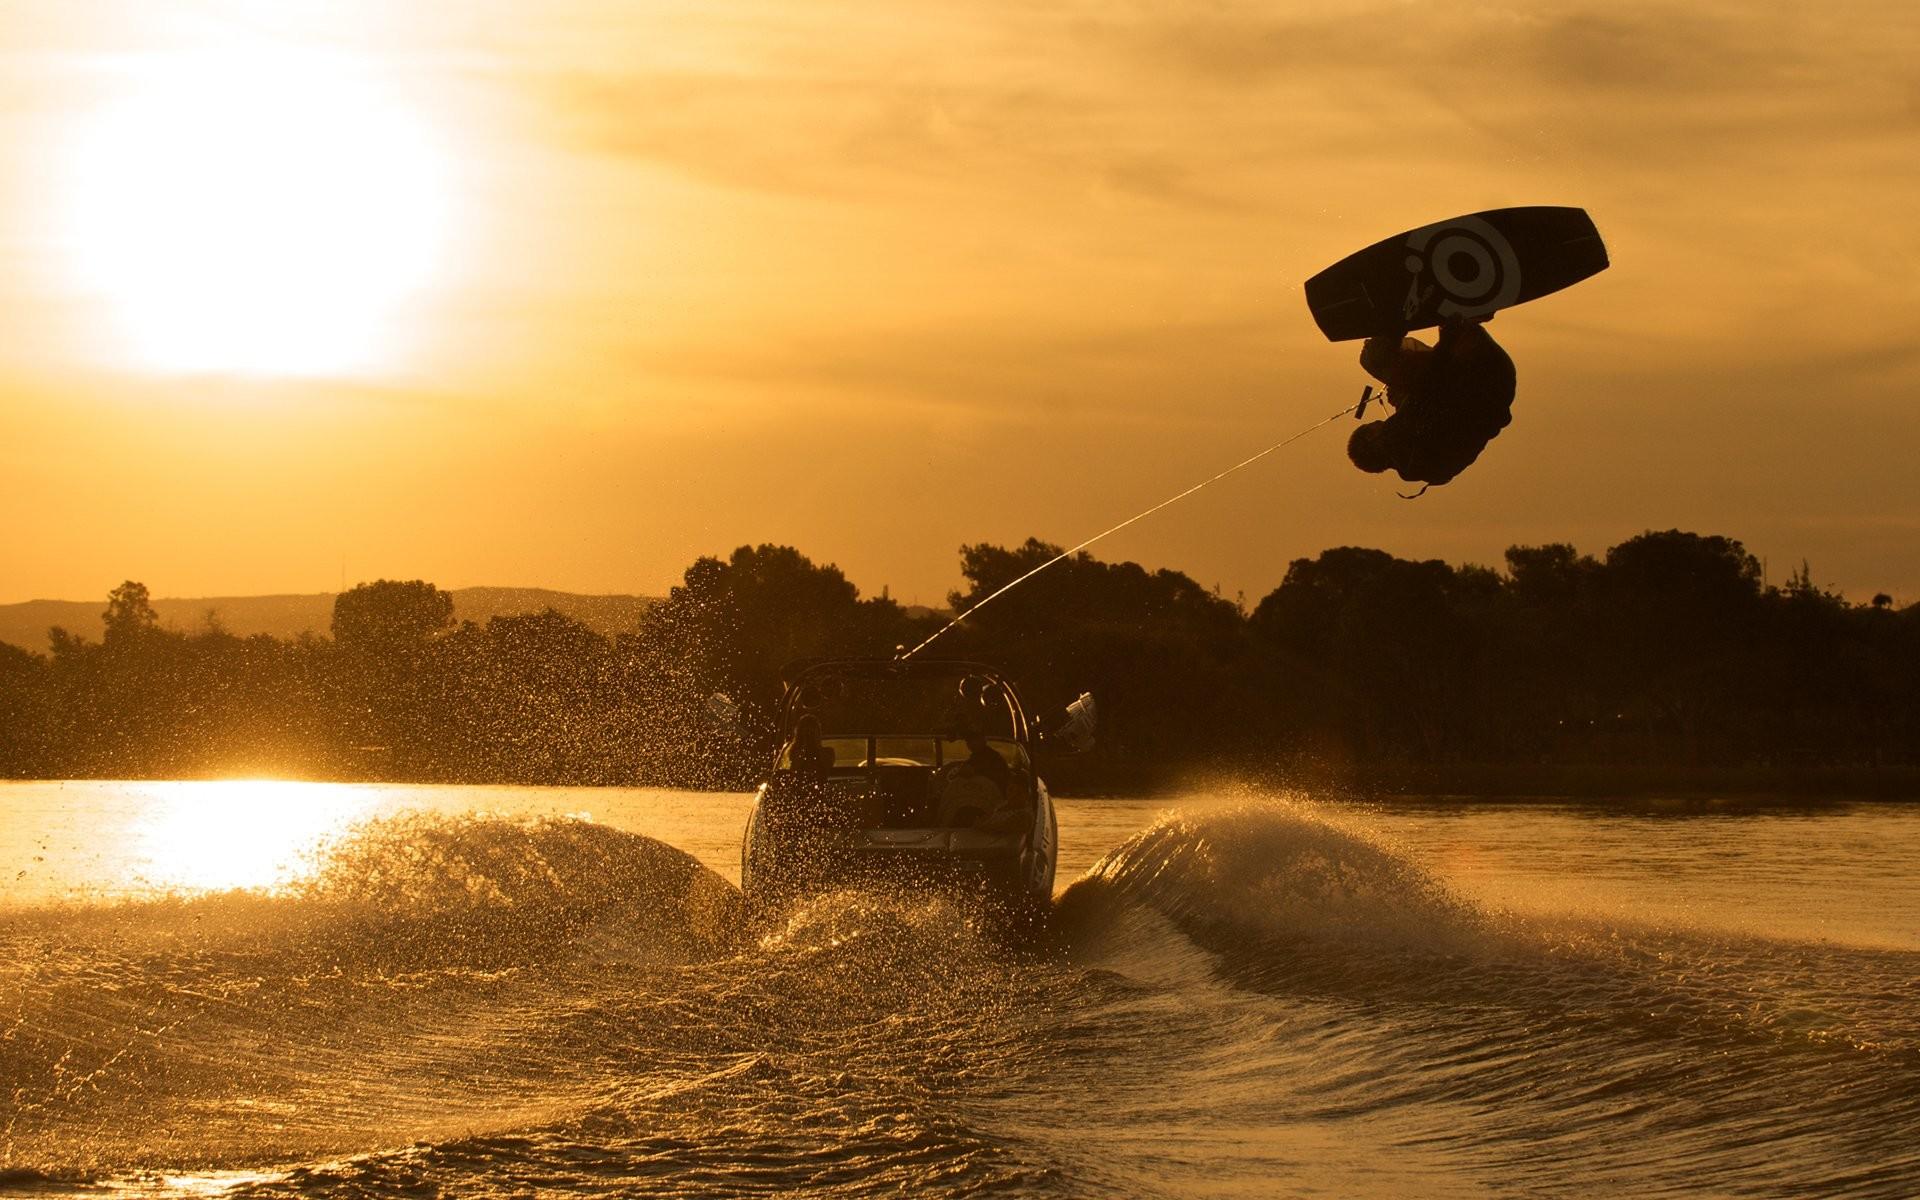 Sports – Wake Boarding Boat Wake Boarding Wallpaper